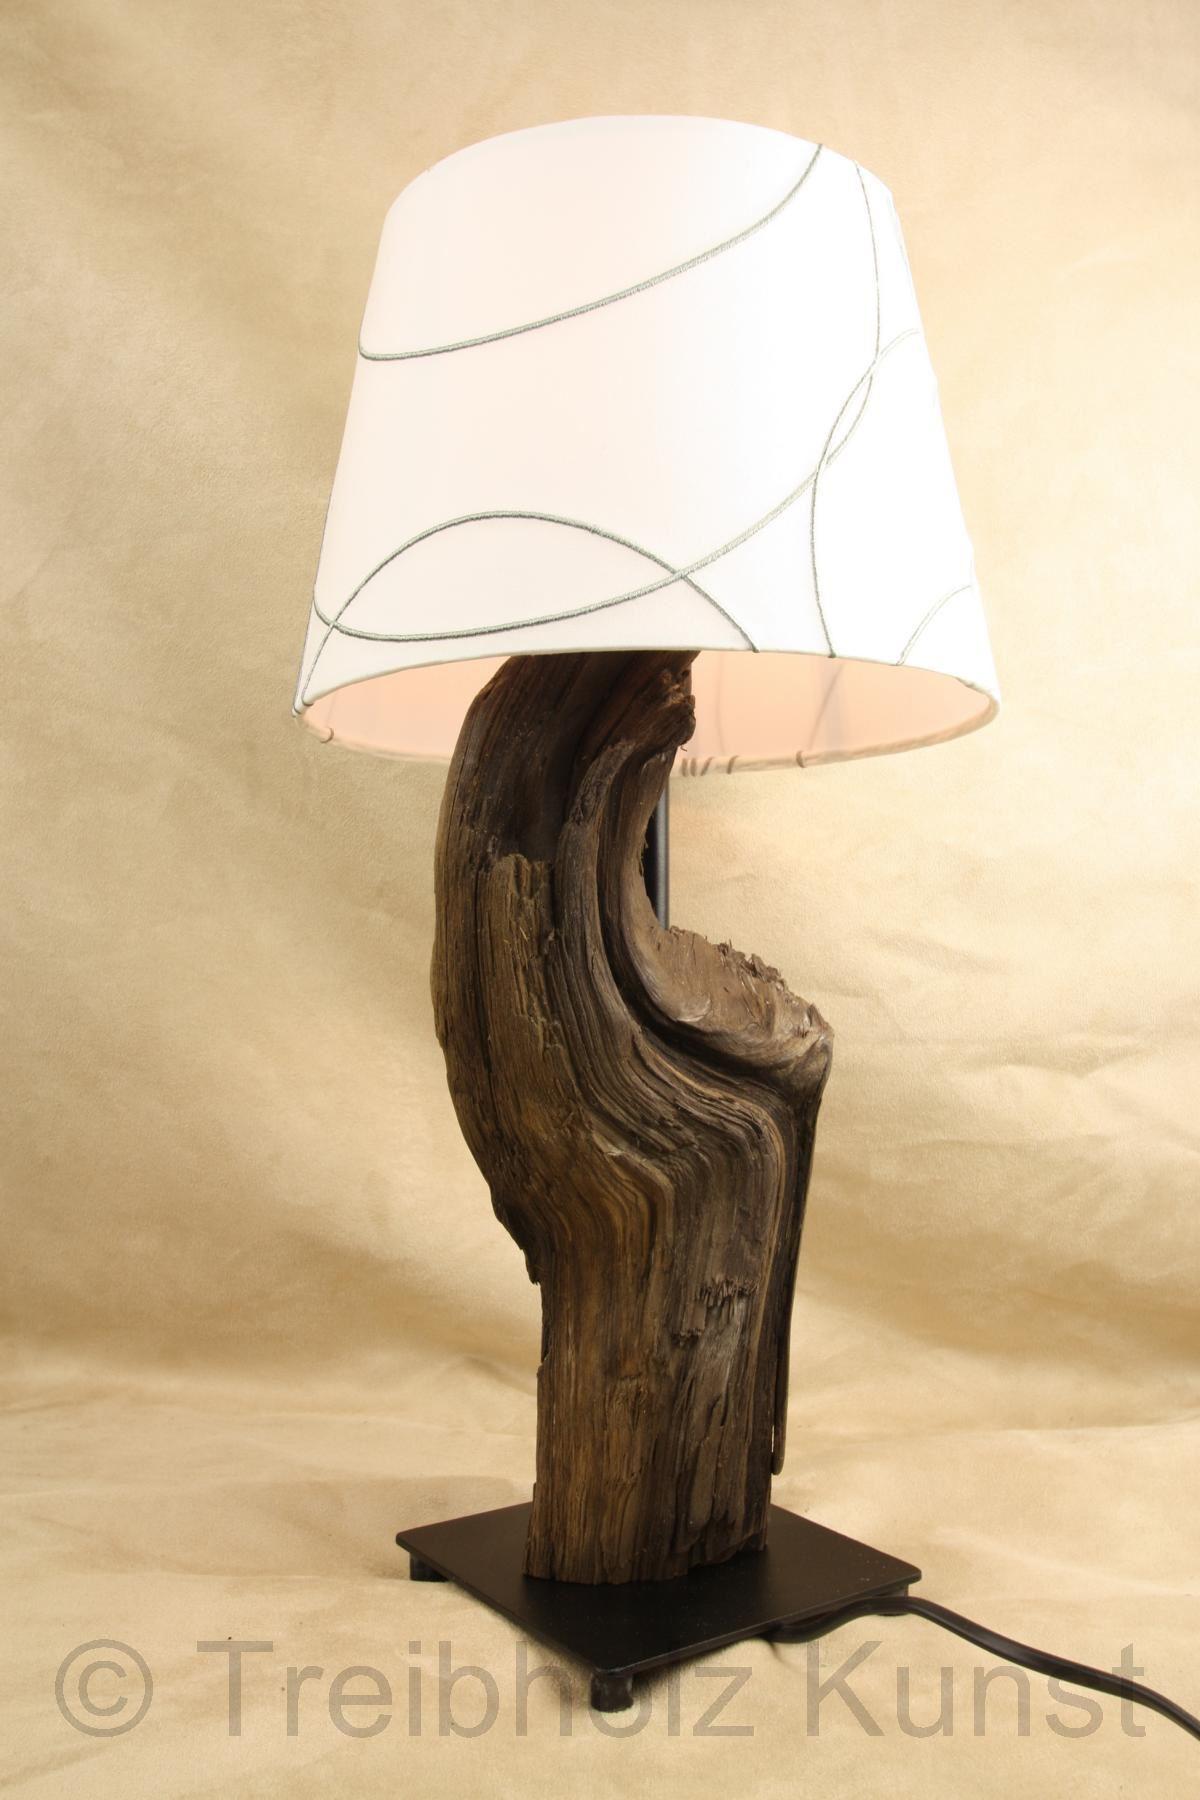 tisch mit lampe great tisch mit lampe with tisch mit lampe free rustikale stehlampe unique. Black Bedroom Furniture Sets. Home Design Ideas